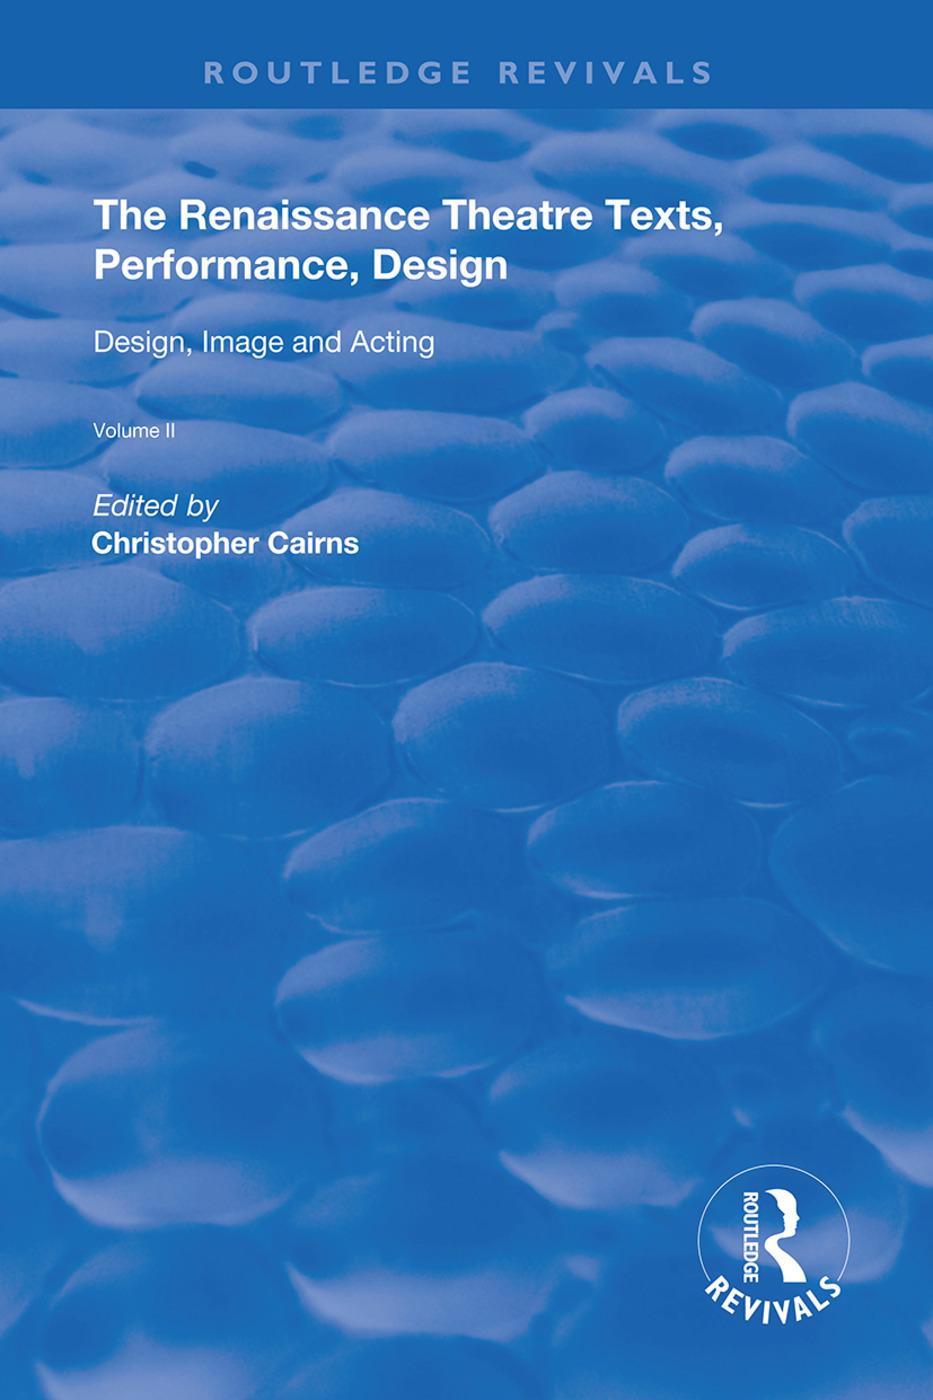 The Renaissance Theatre: Texts, Performance, Design